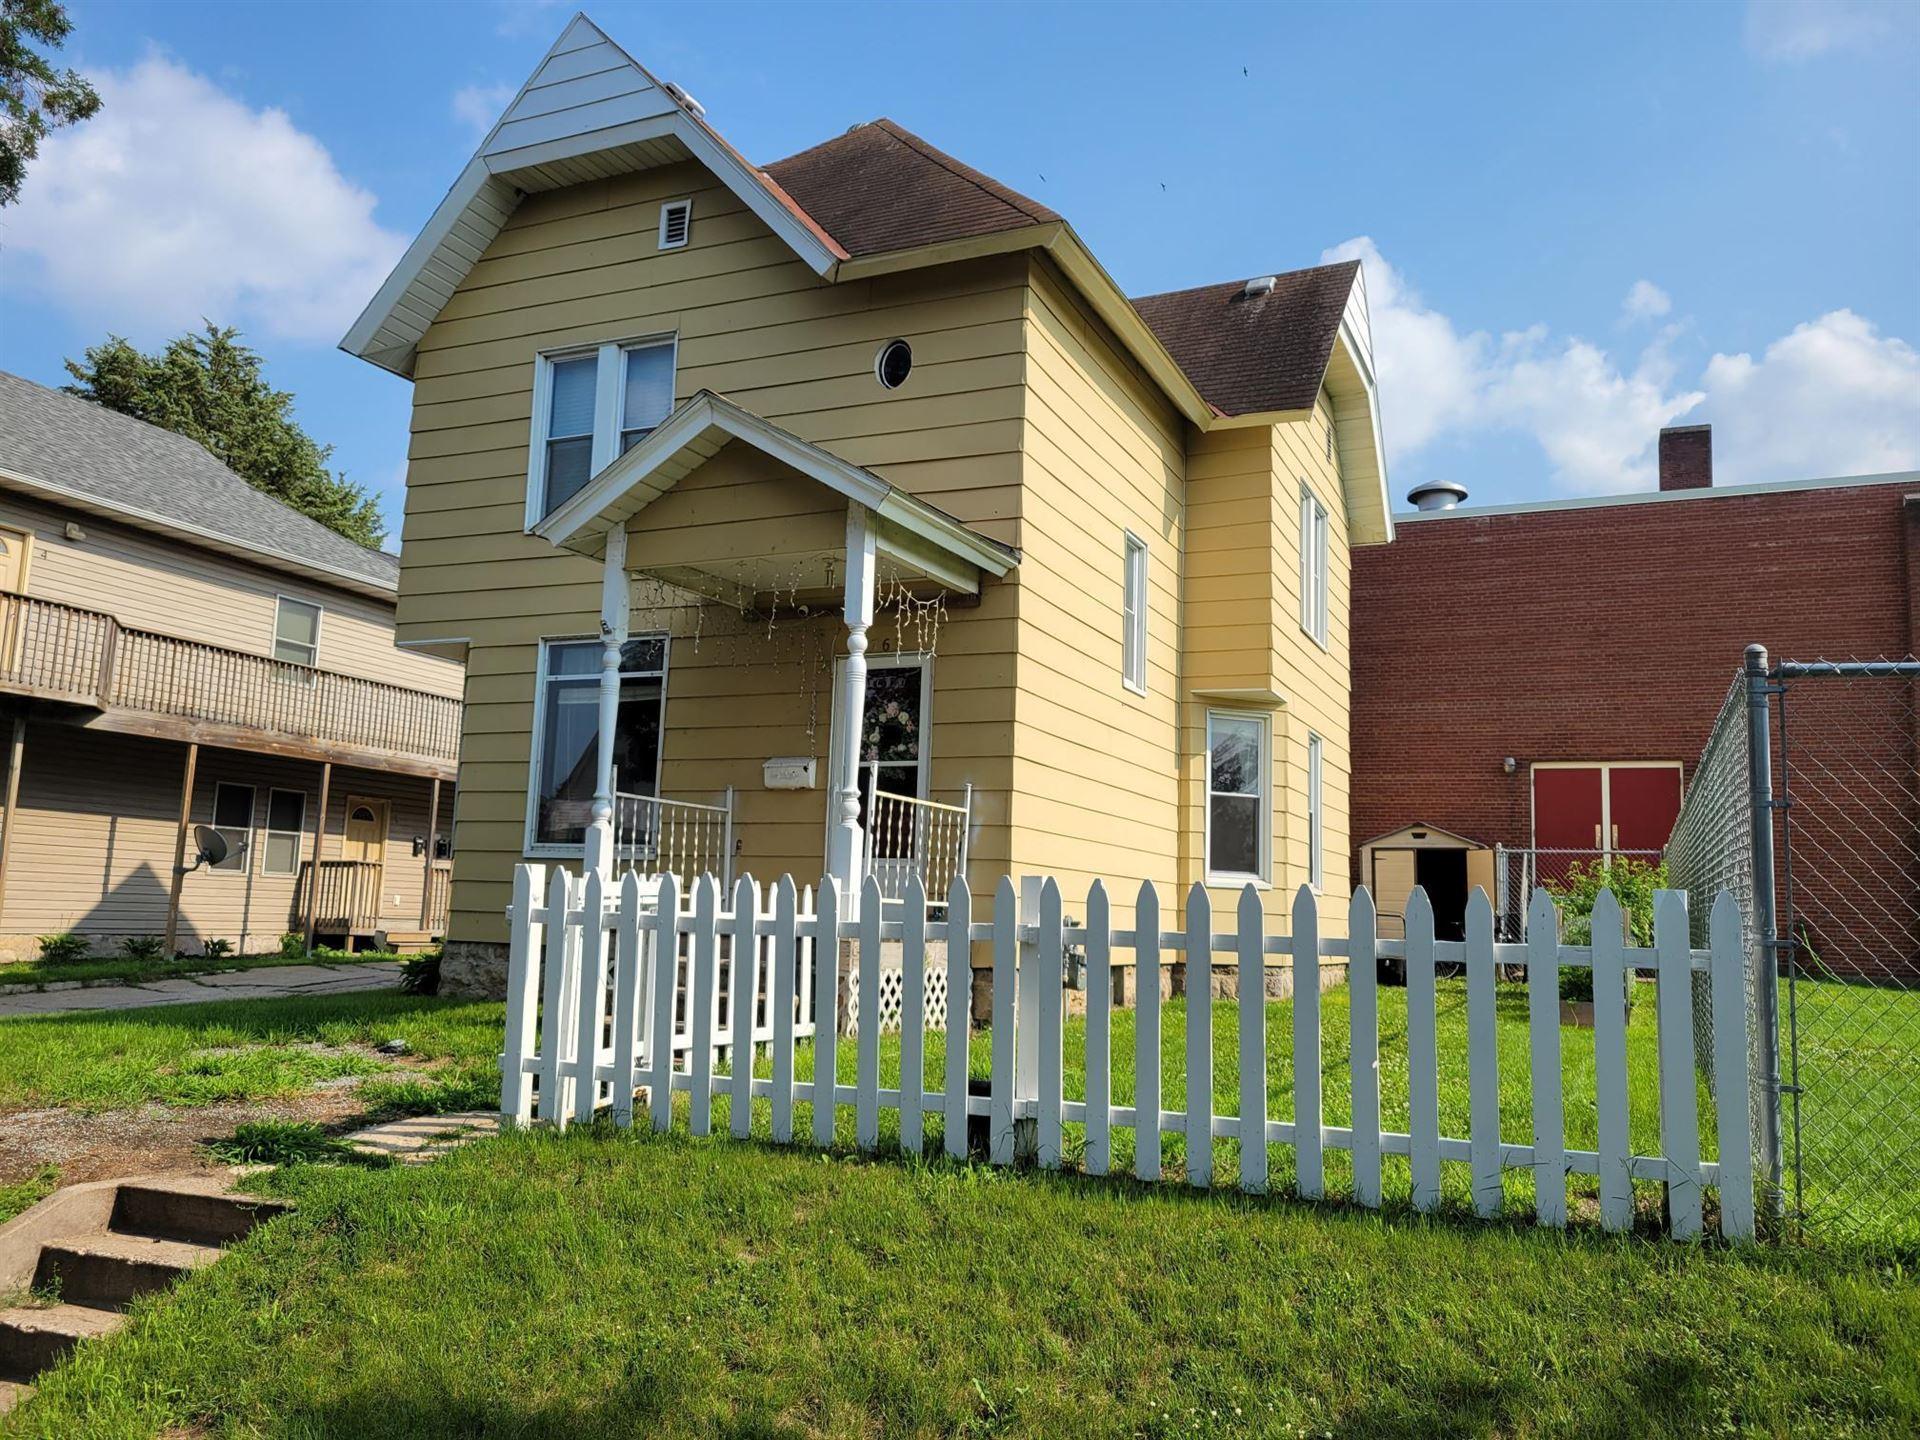 763 W Broadway Street, Winona, MN 55987 - MLS#: 6026533